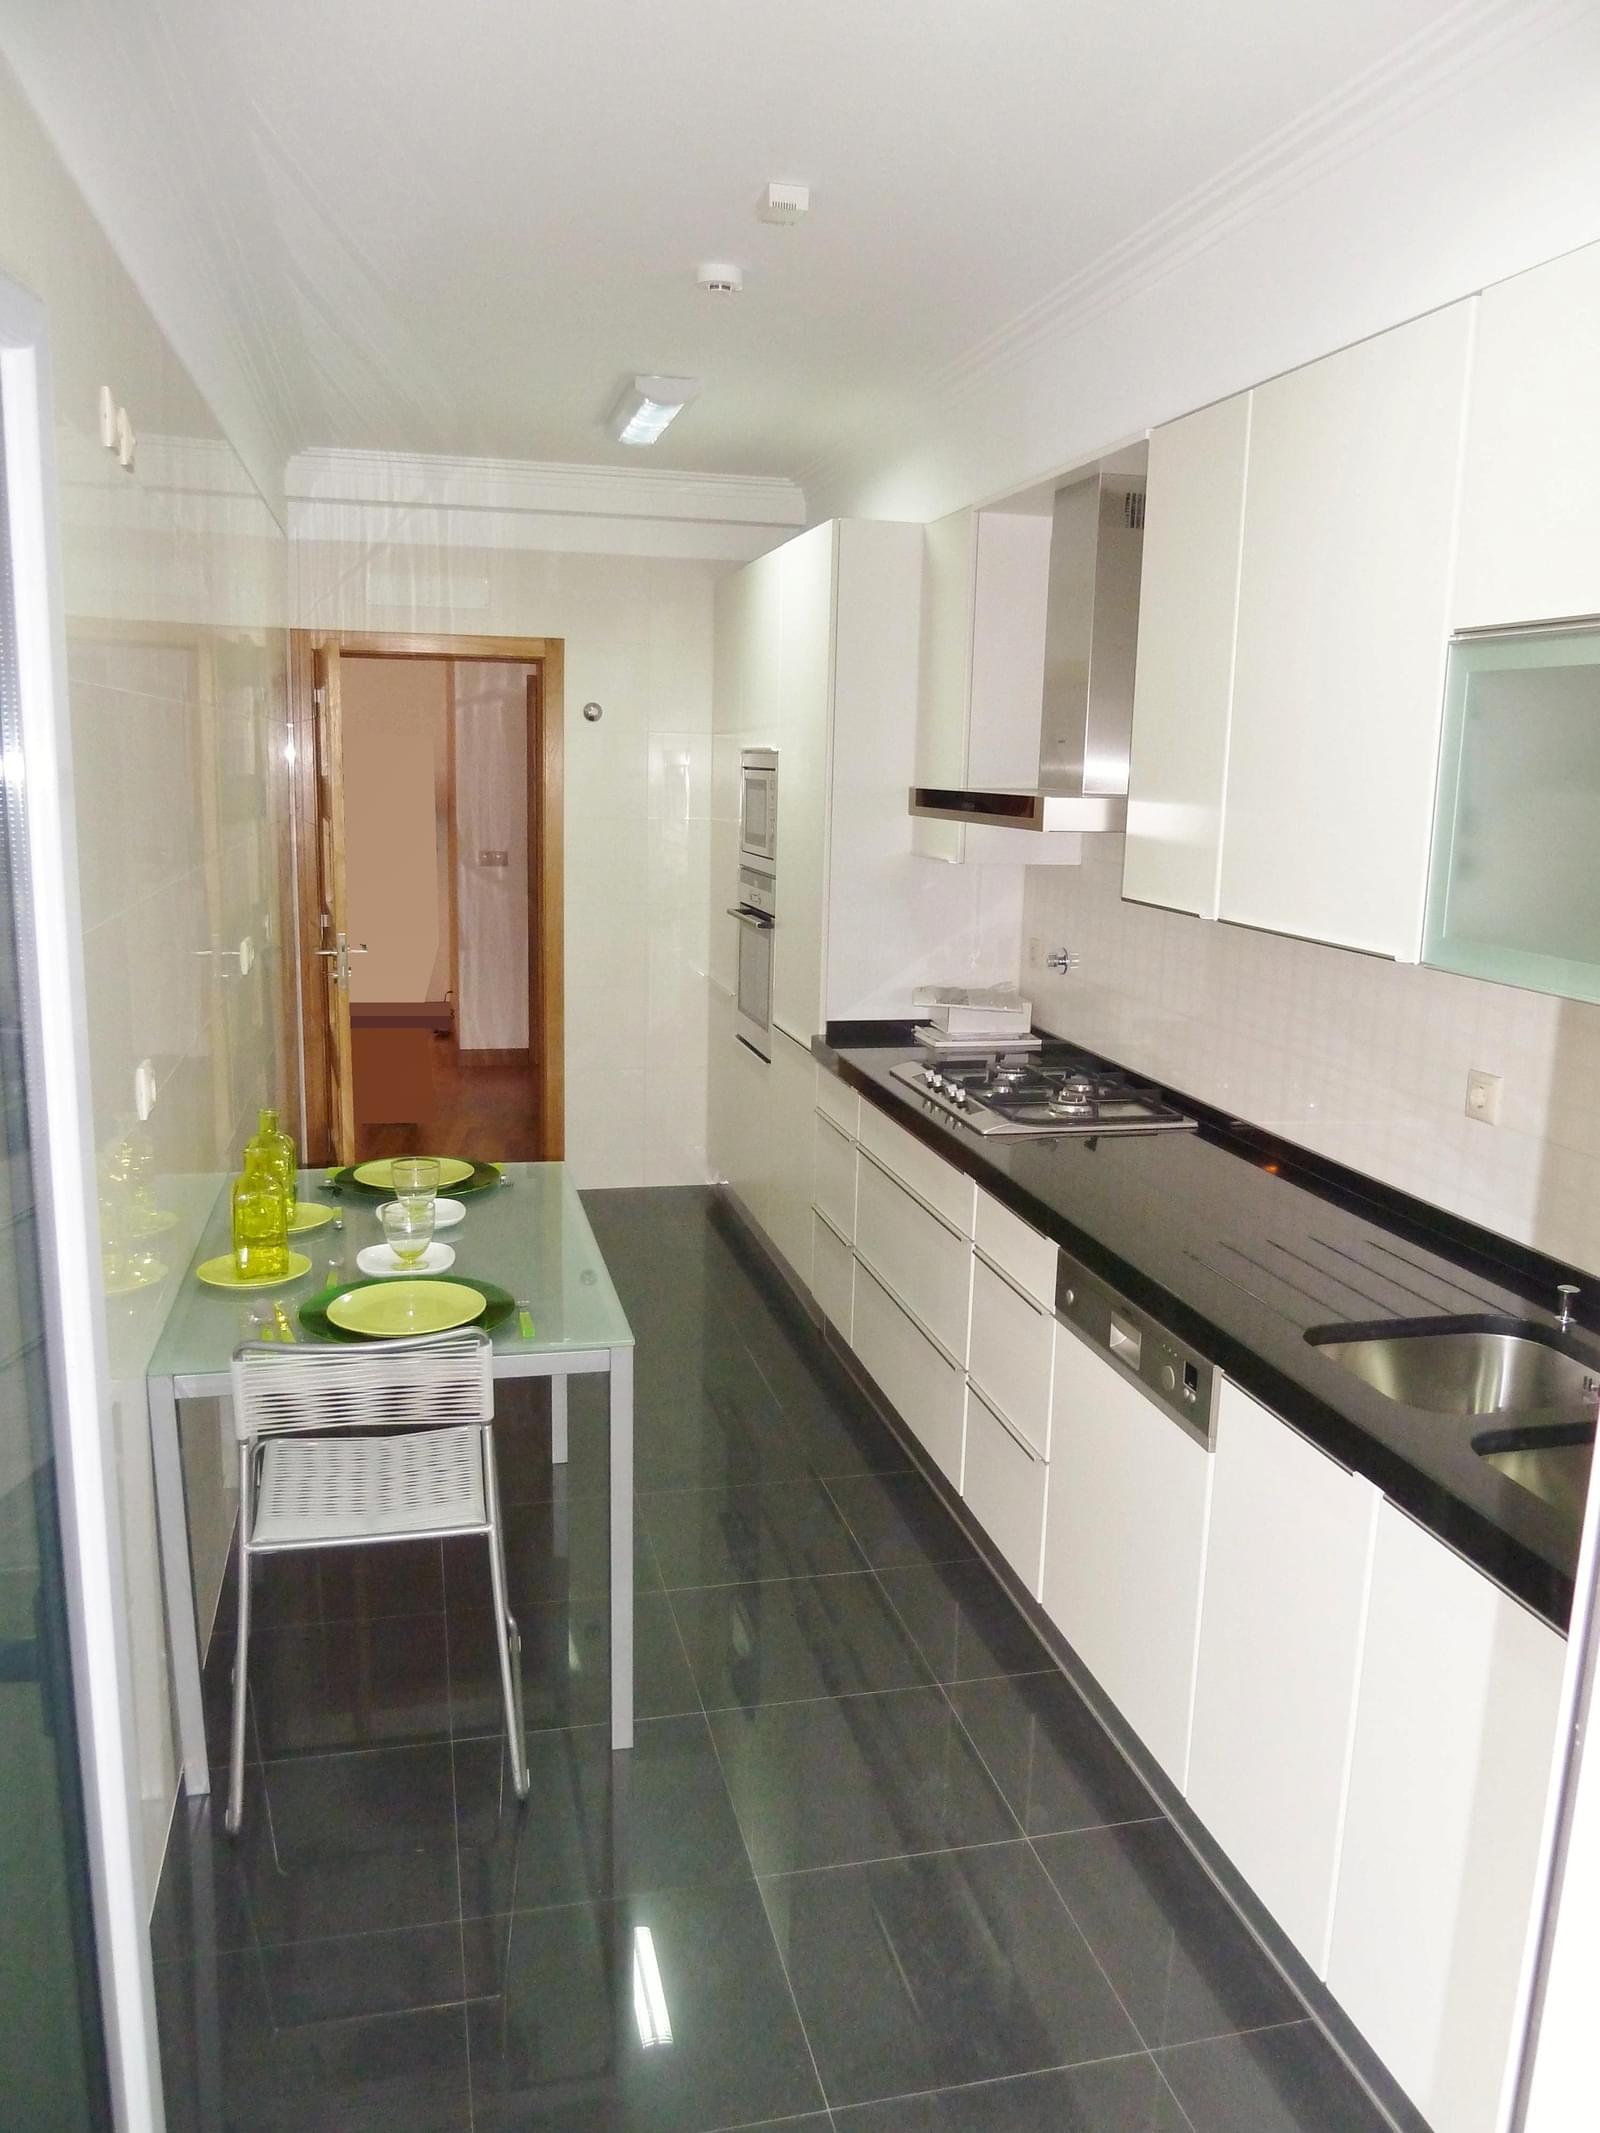 pf16882-apartamento-t2-lisboa-57c6aeee-1e27-43ee-aeec-33c0d22374af